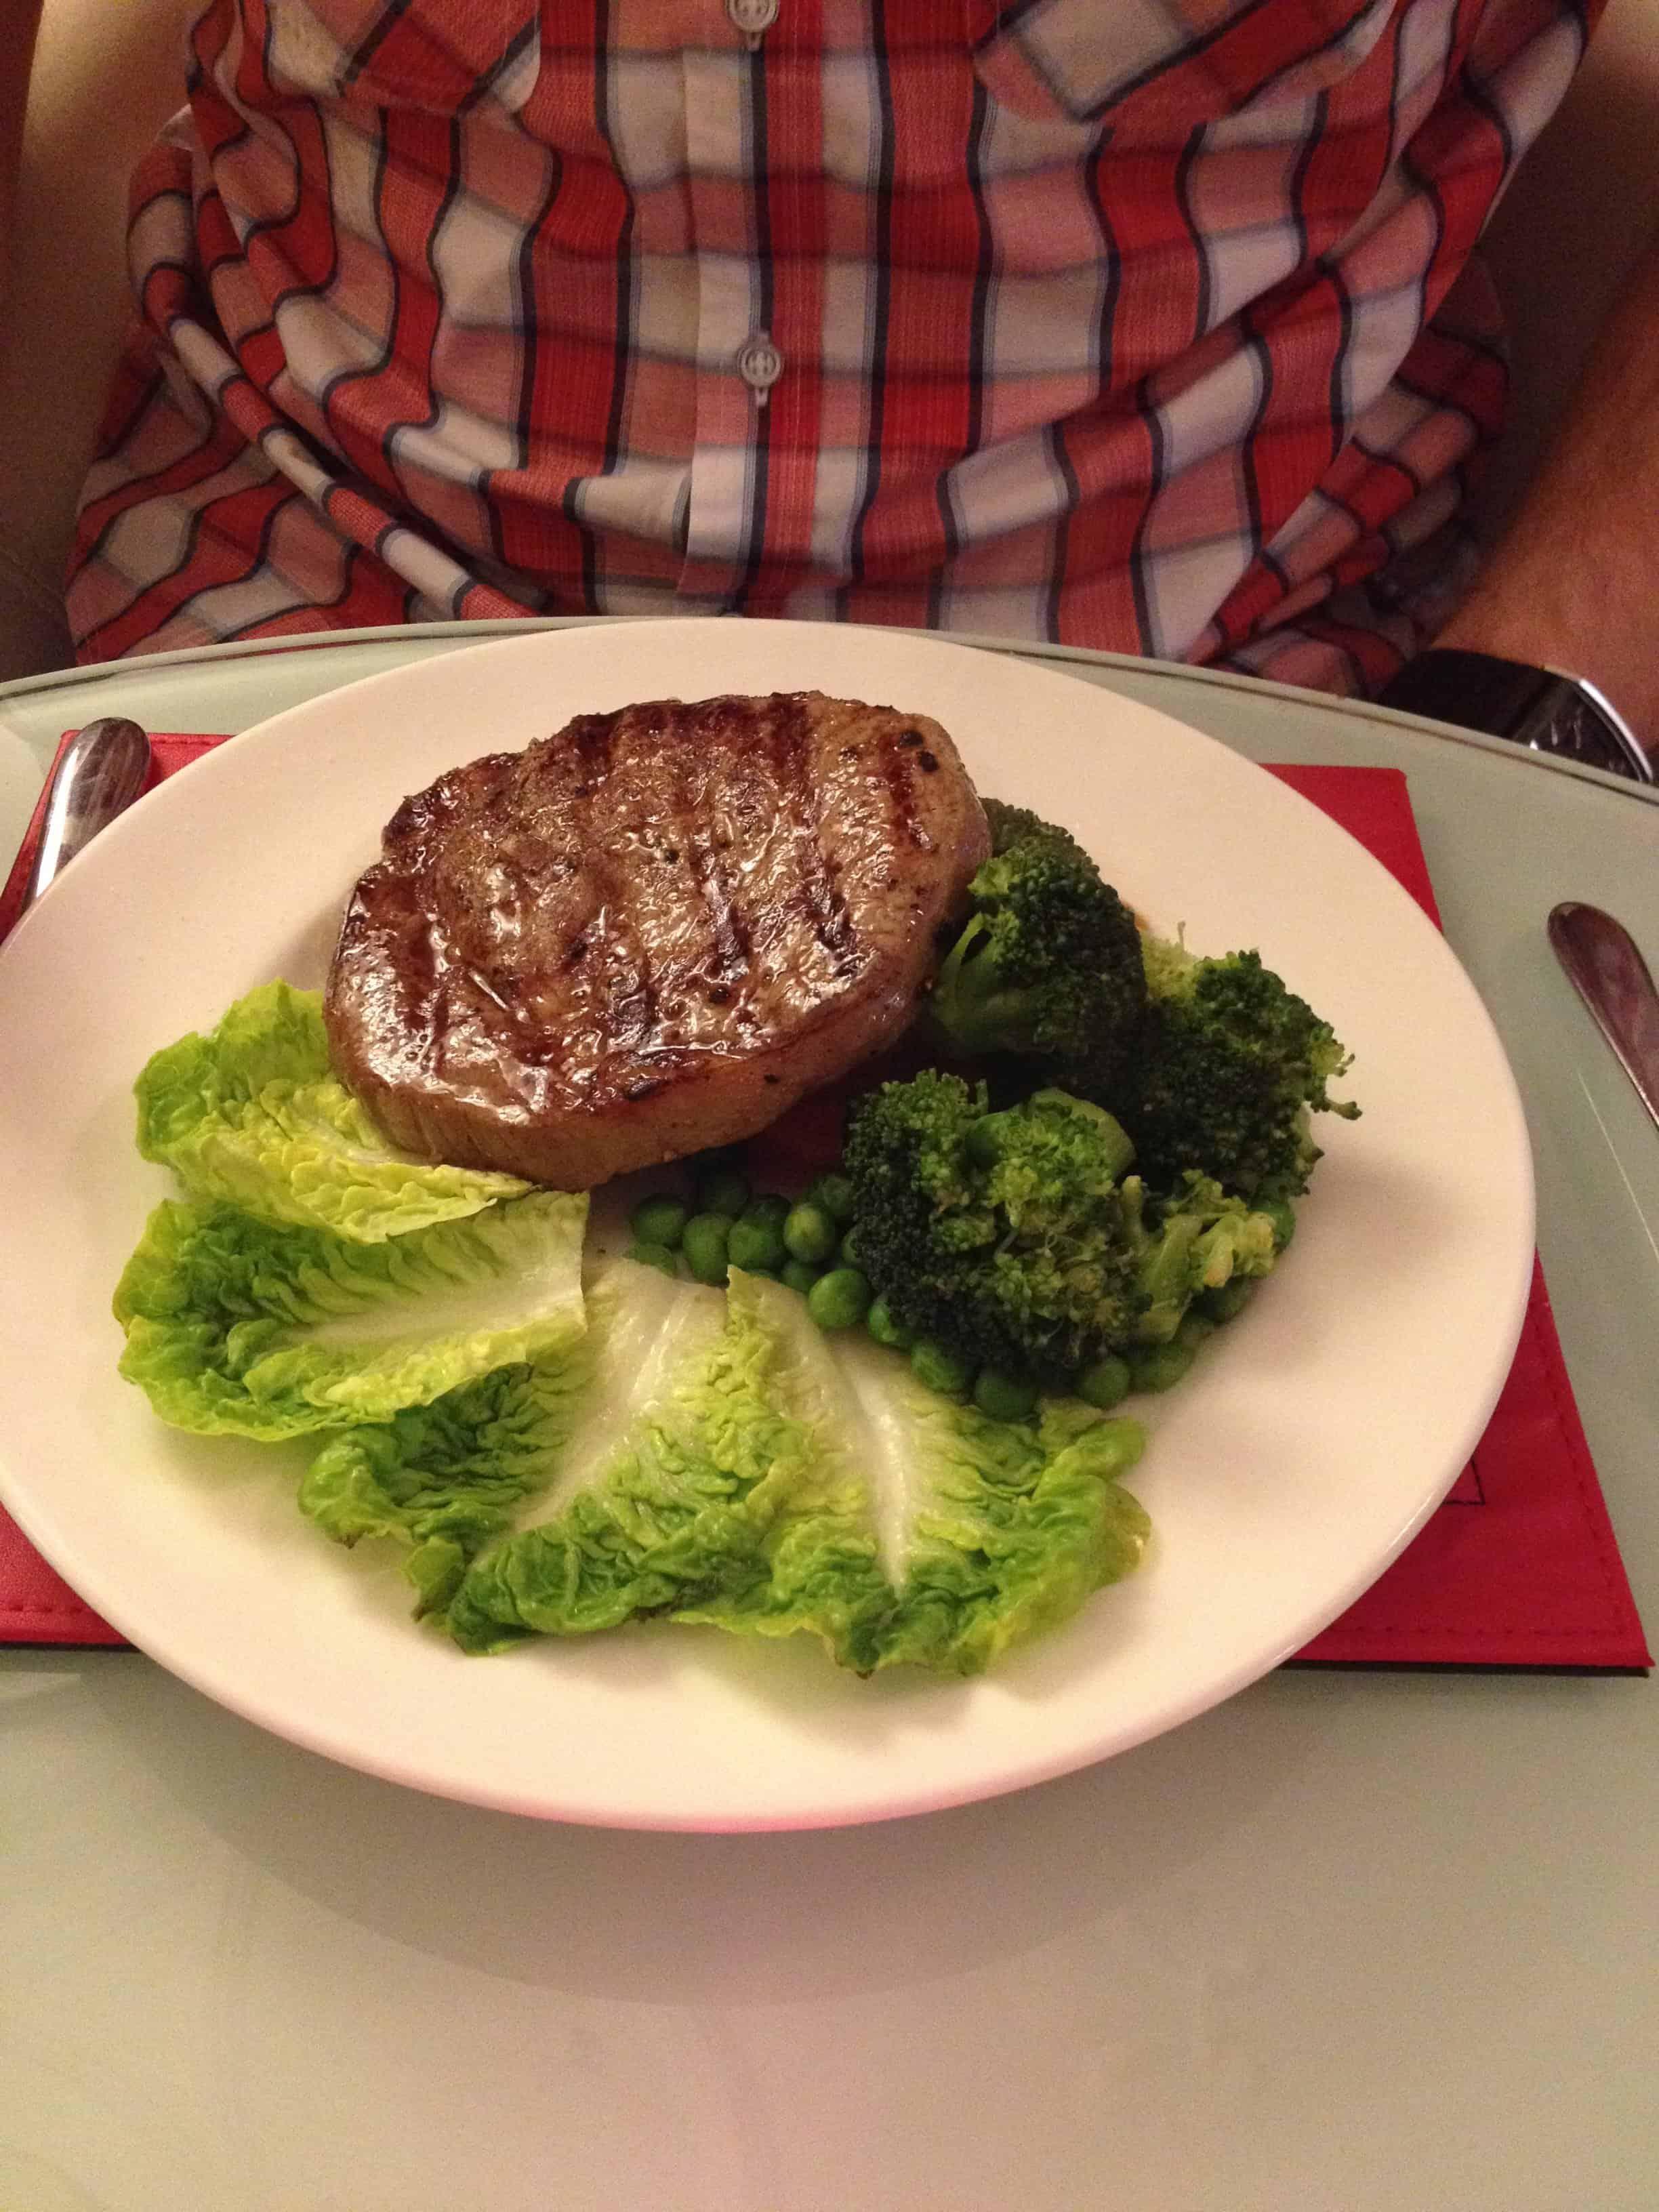 Steve's steak